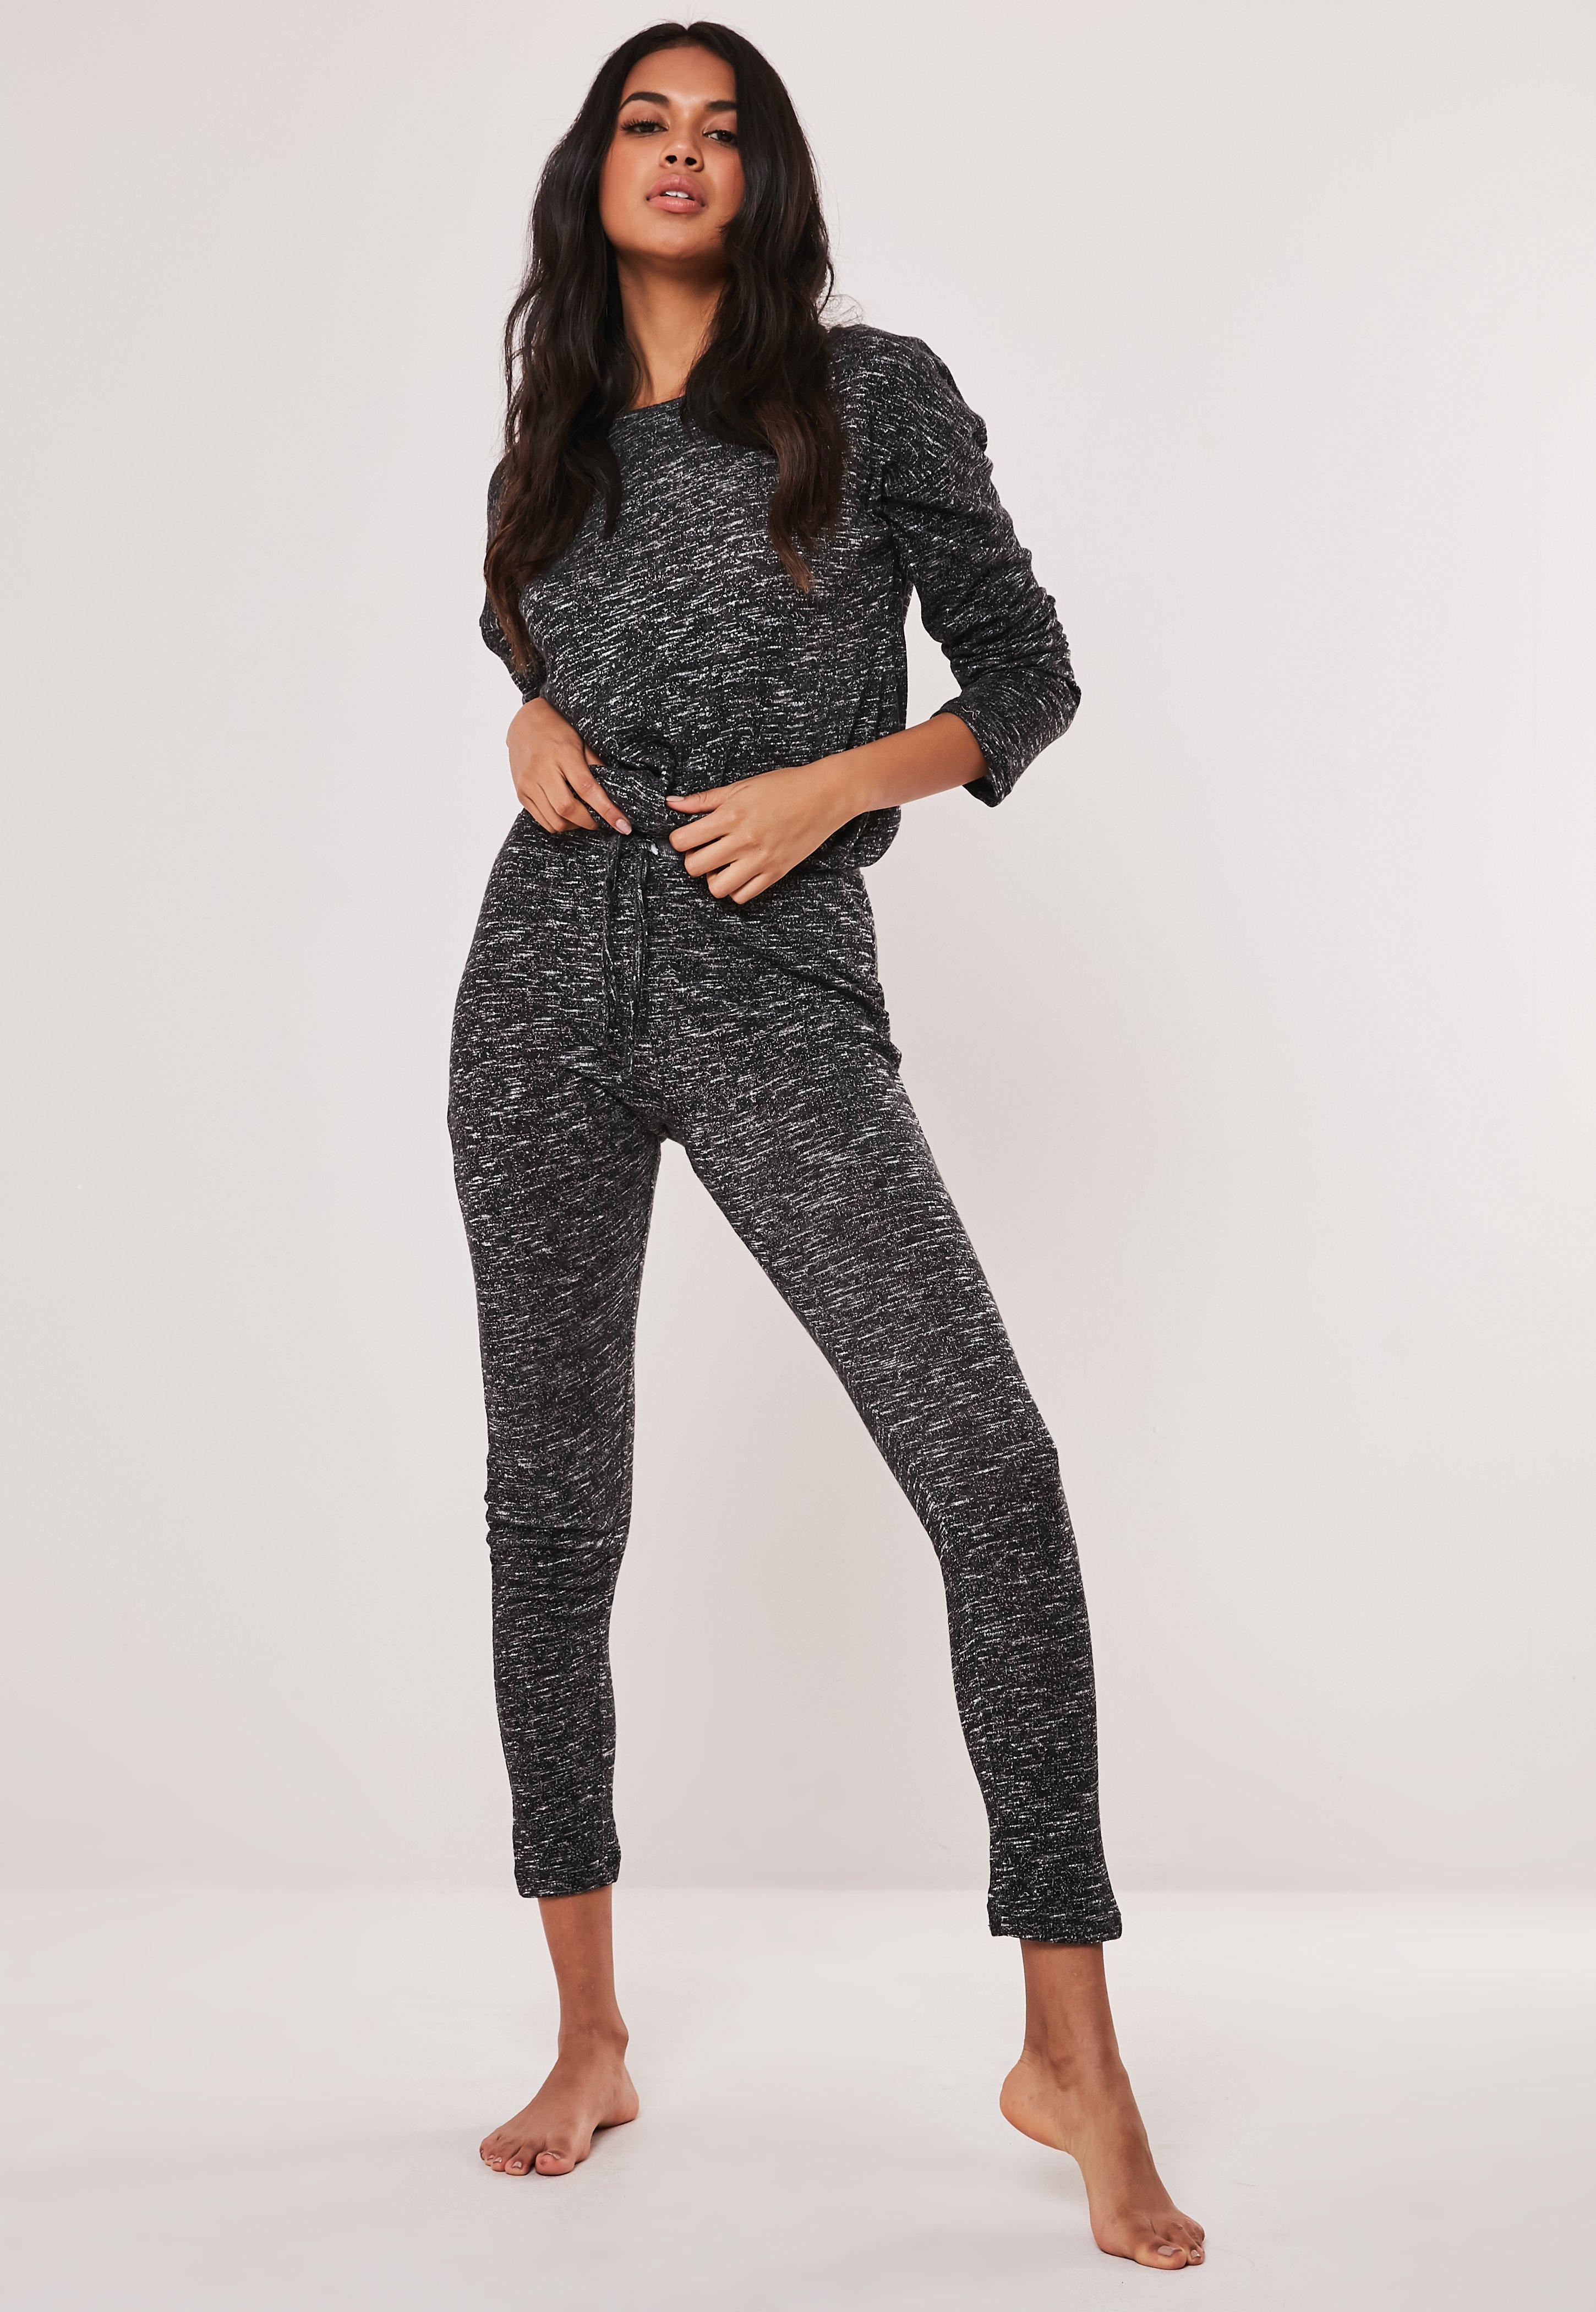 Zupełnie nowe Piżamy - Zestawy Piżam Satynowych i Jedwabnych - Missguided QS19